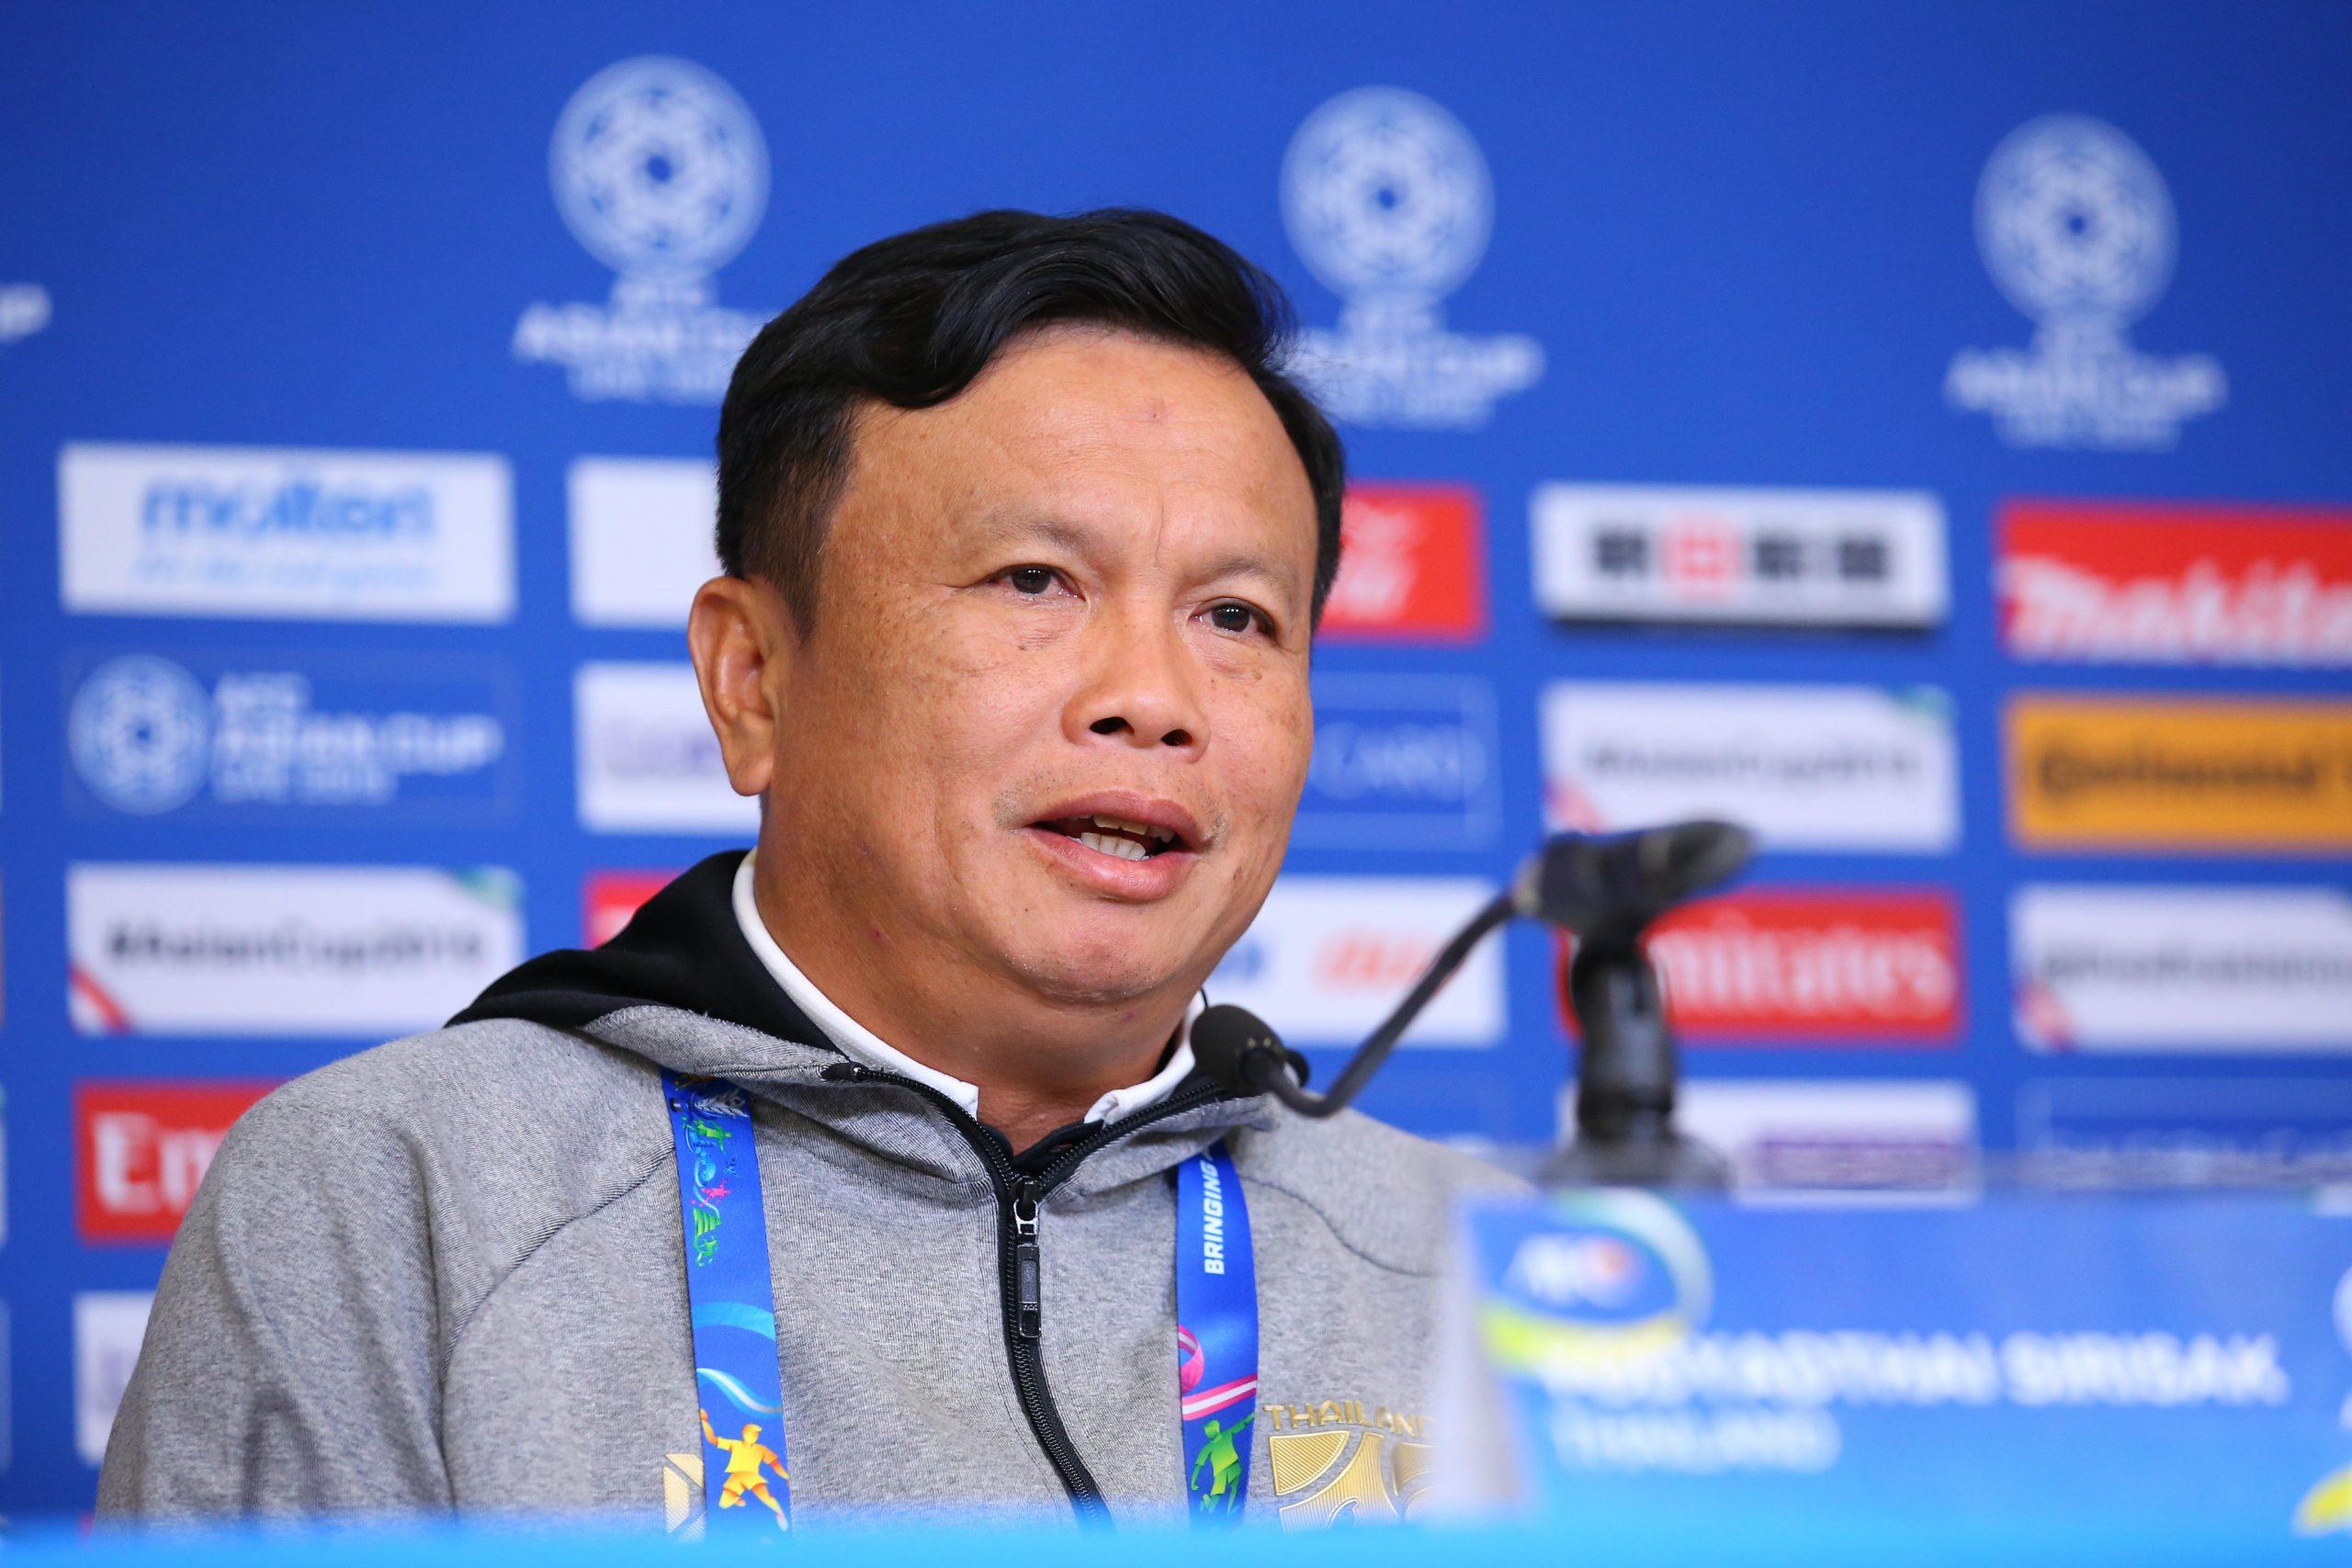 ทีมชาติยูเออี ทีมชาติไทย ศิริศักดิ์ ยอดญาติไทย สุพรรณ ทองสงค์ เอเชียนคัพ 2019